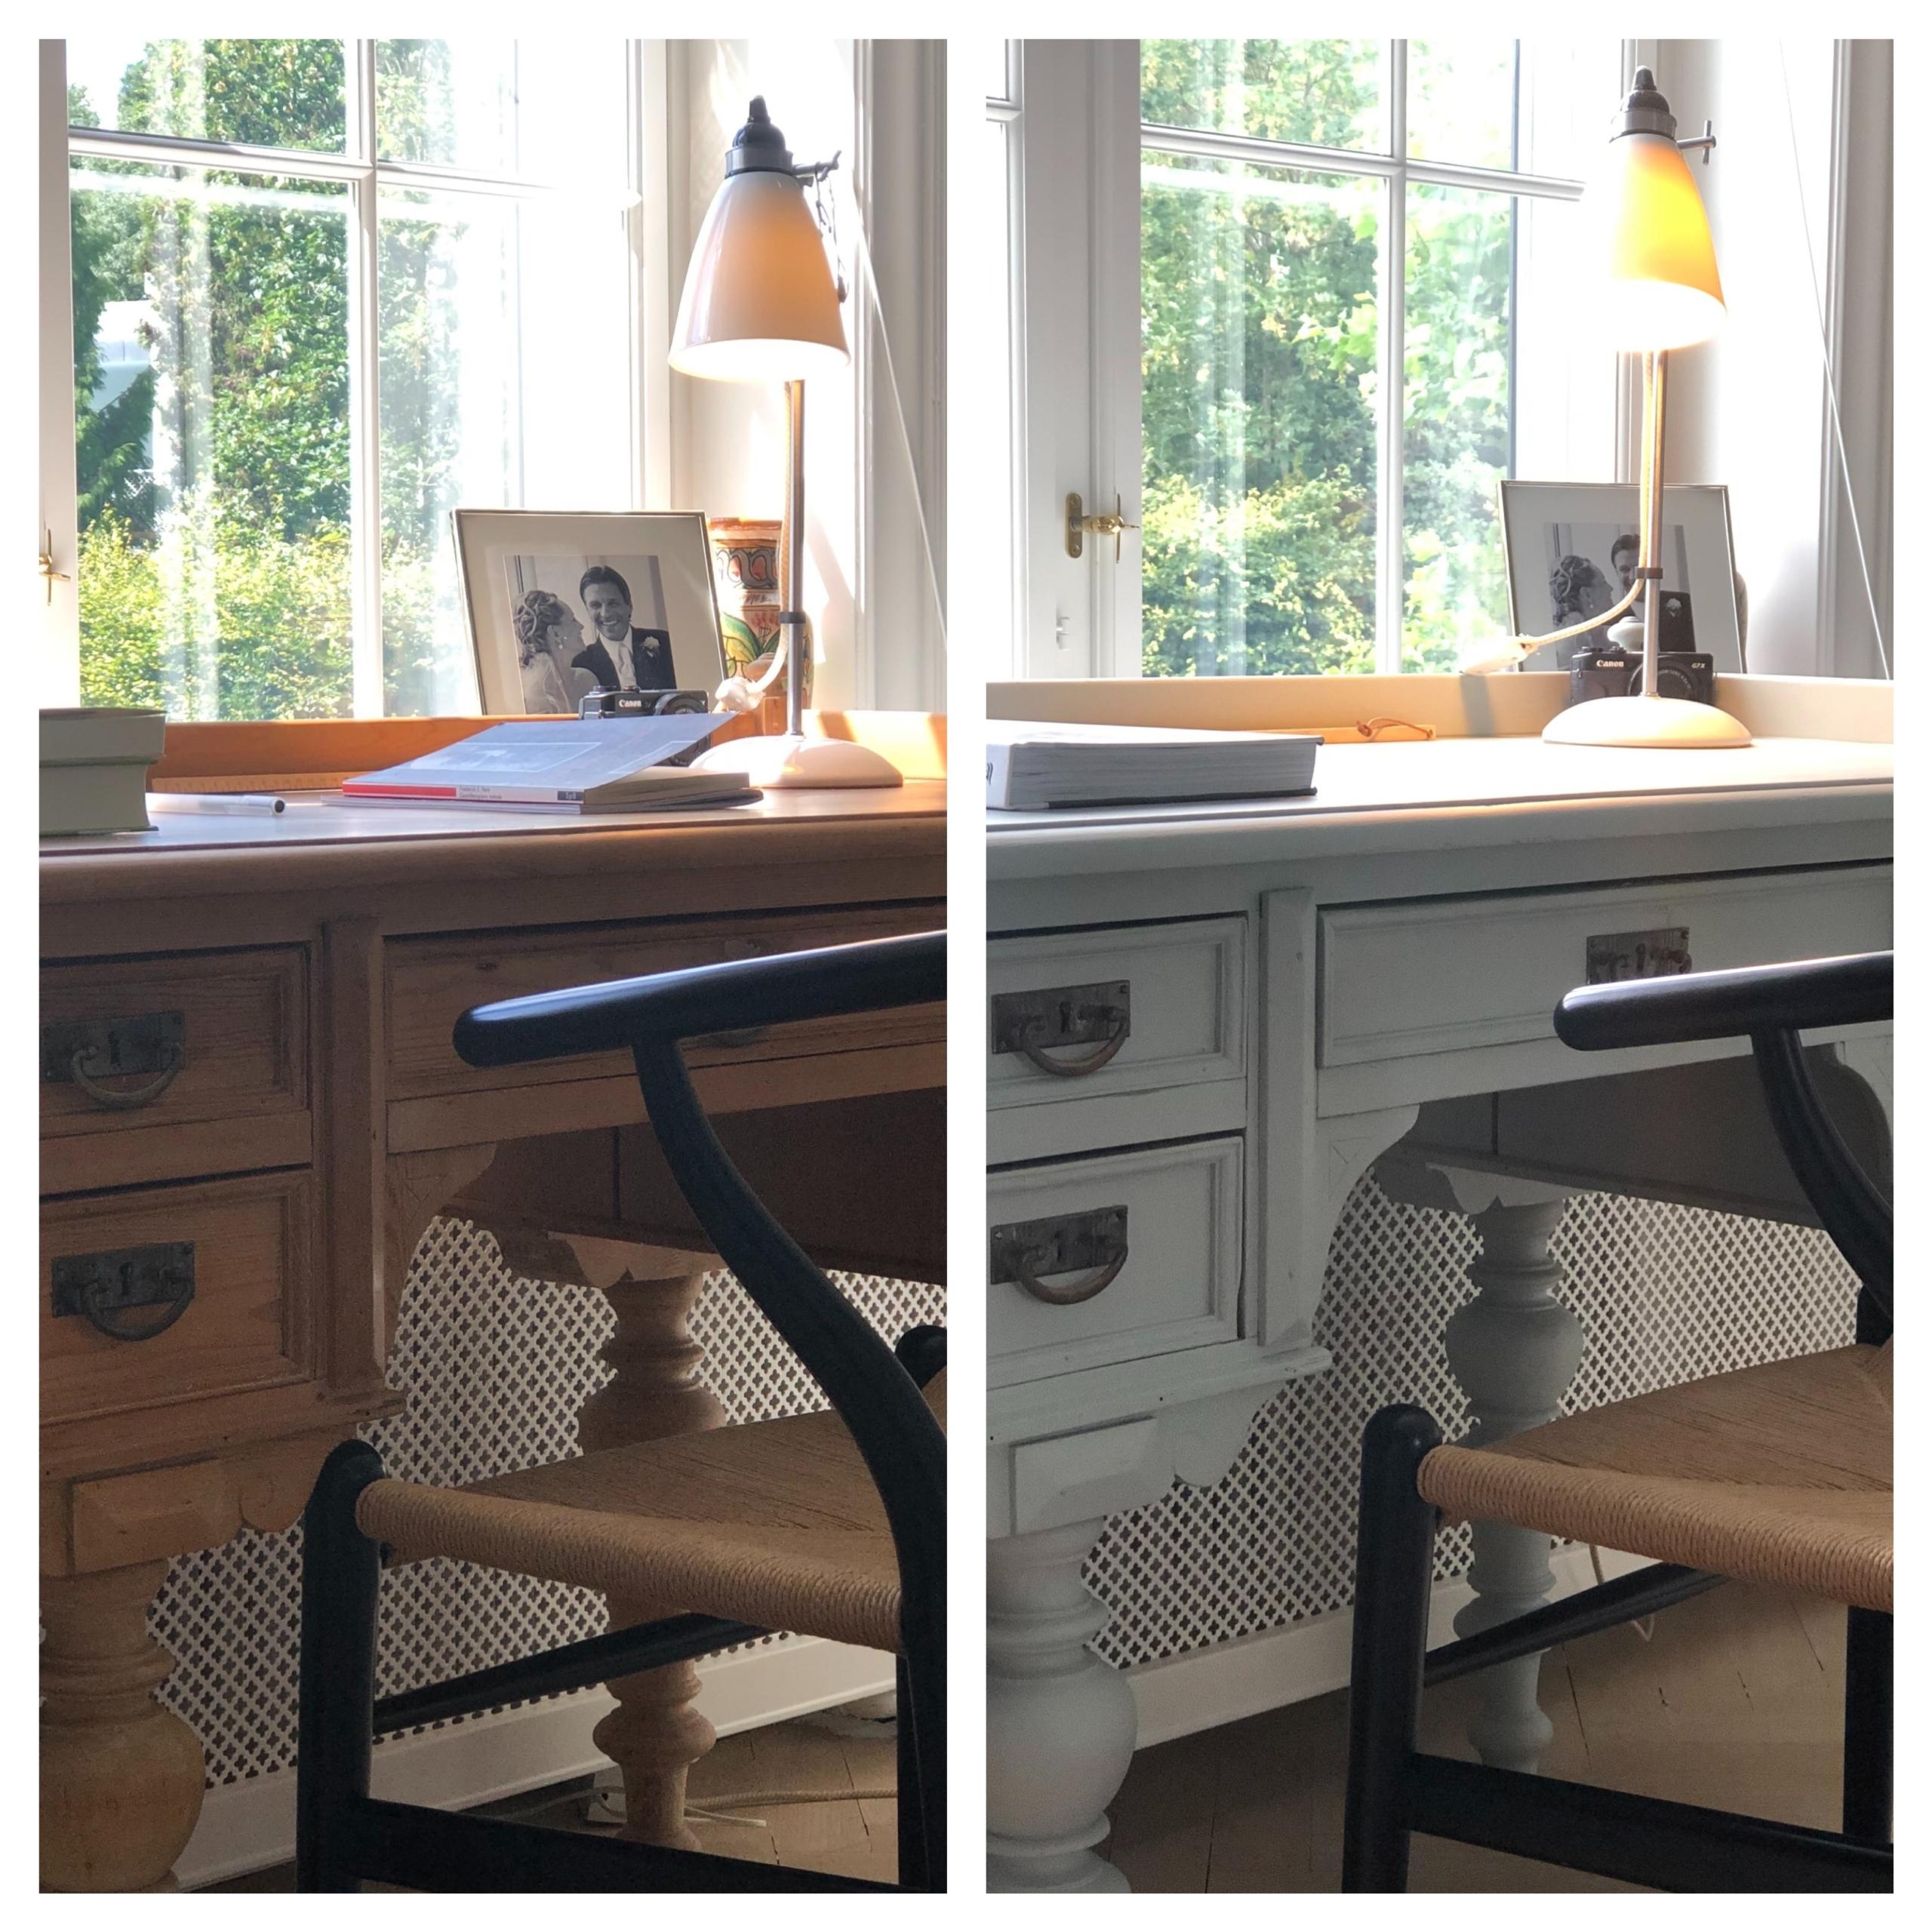 Sådan forvandles et gammelt møbel med maling